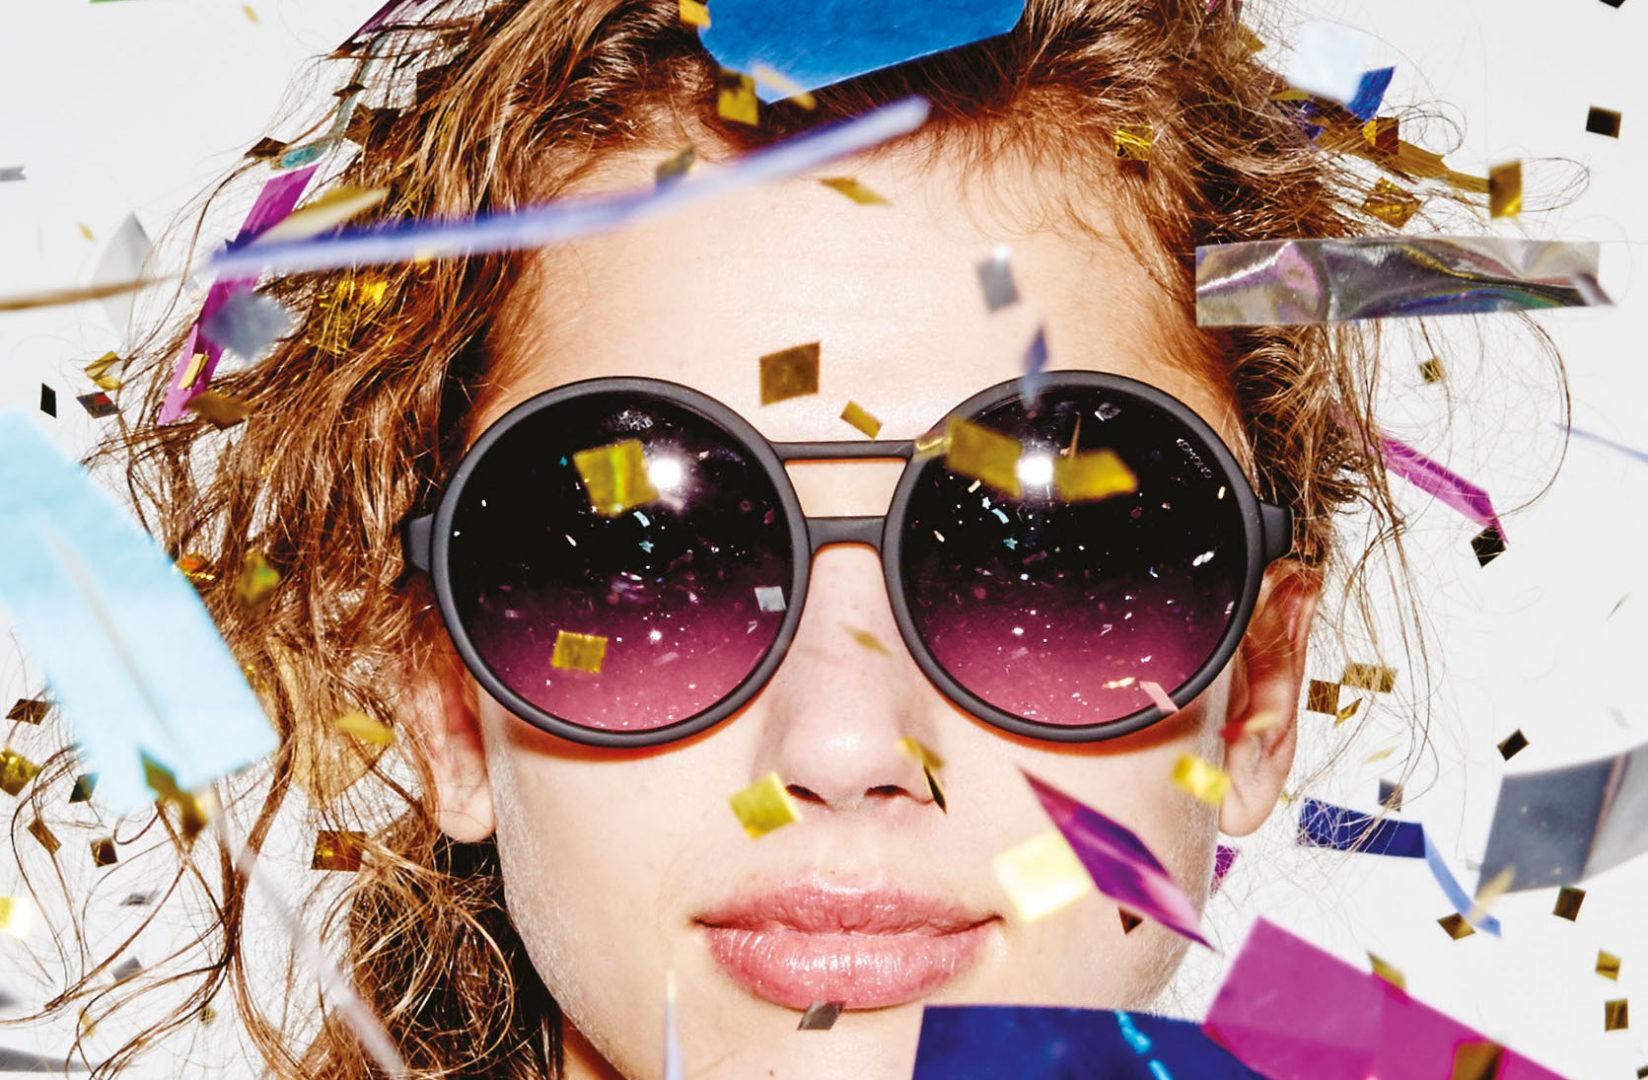 داستان عینک کومونو : ترکیبی منحصر بفرد از نگاه و زمان